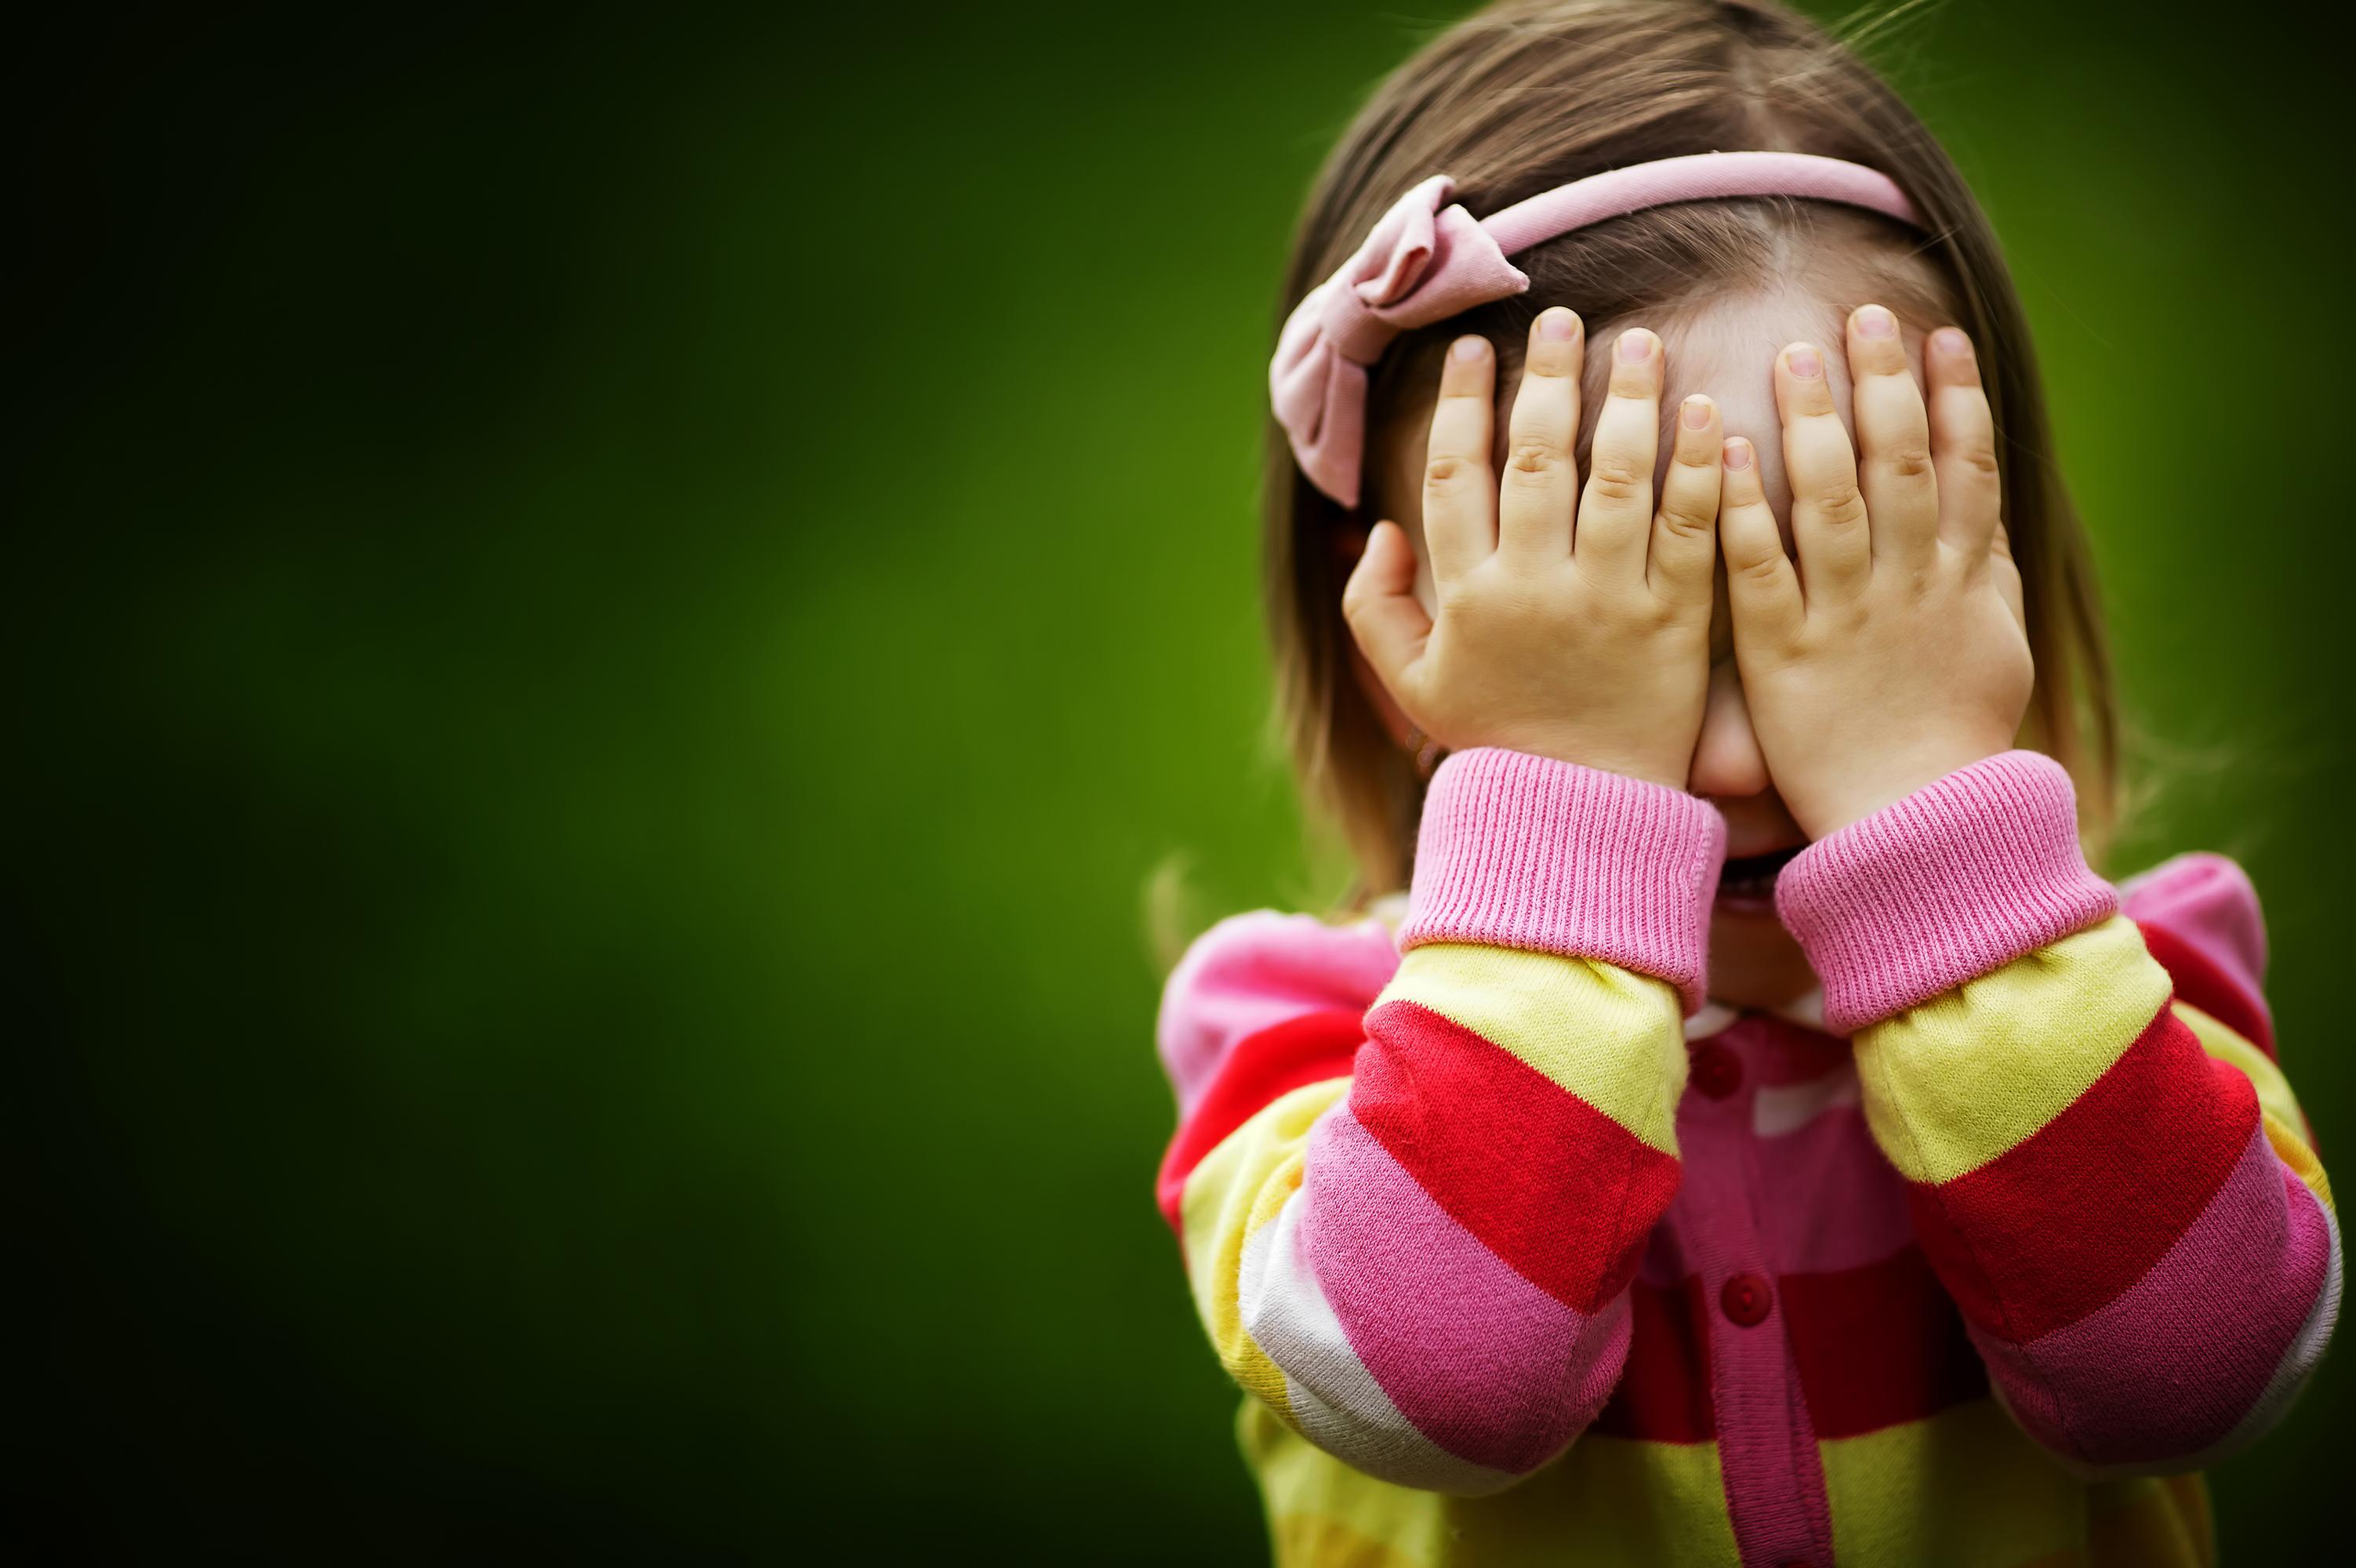 Смайлик вместо лица: почему многие мамы прячут лицо ребенка на фотографиях